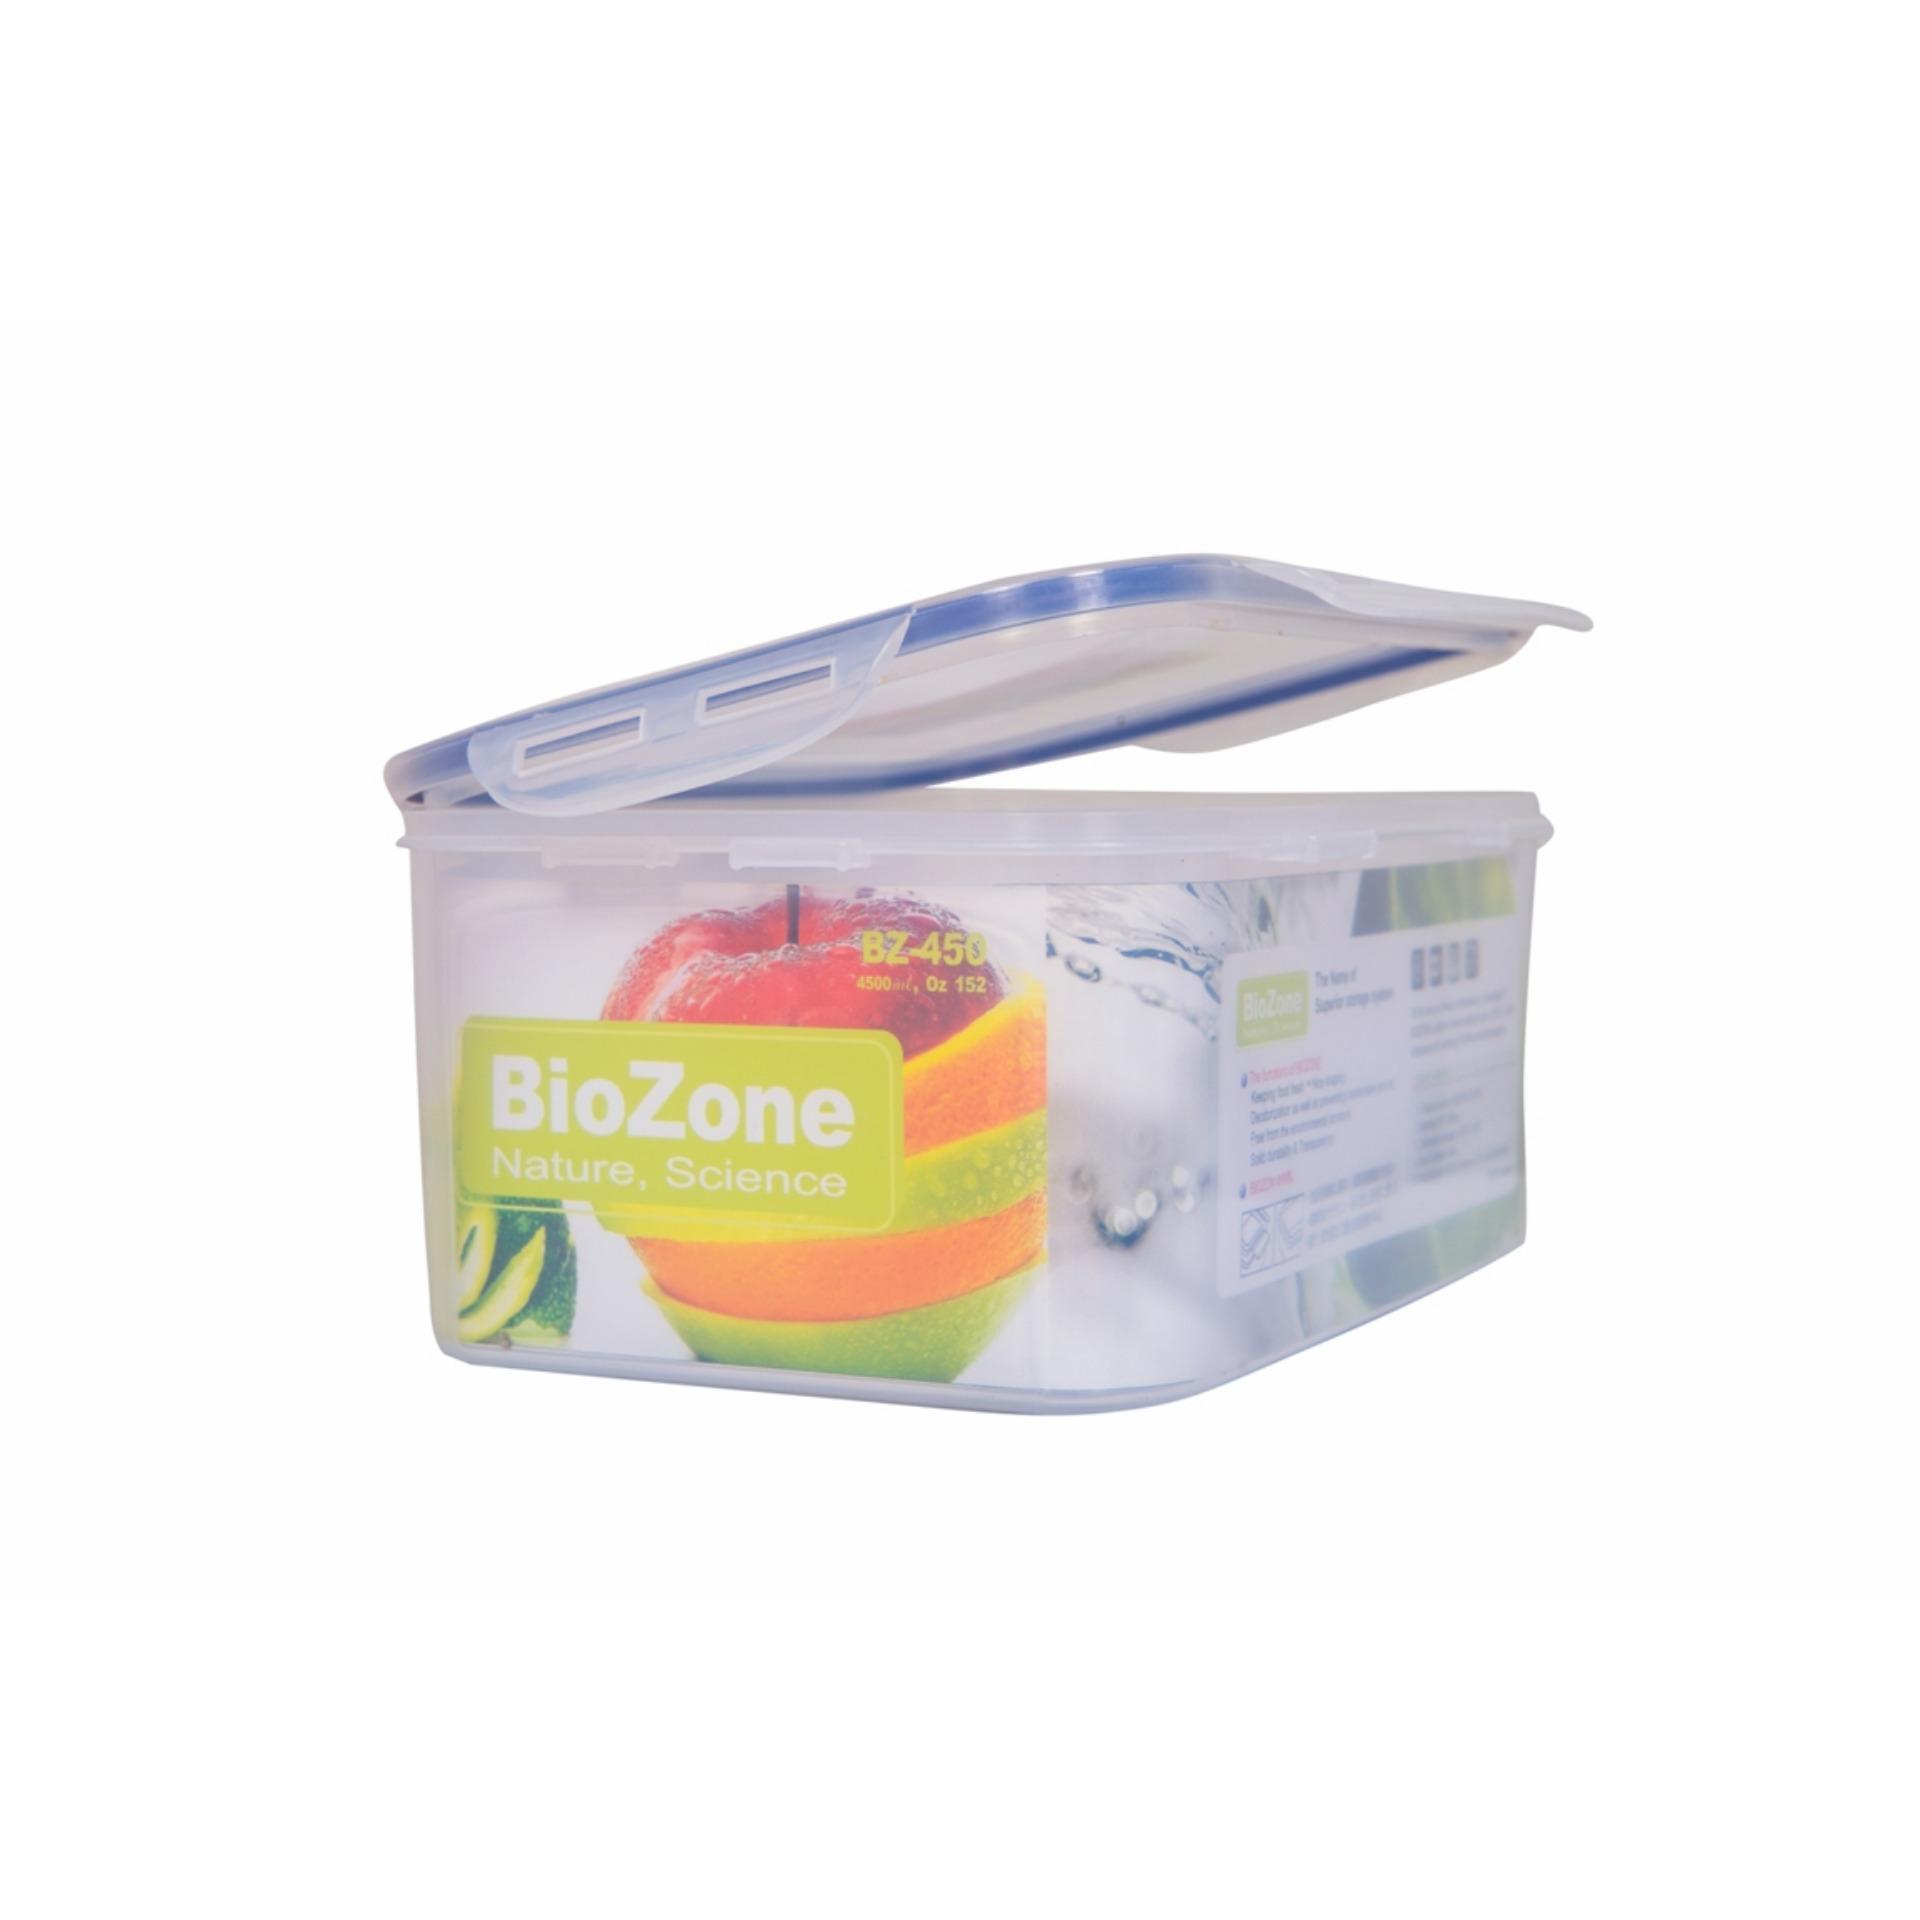 Mã Khuyến Mại Hộp Nhựa Đựng Thực Phẩm Thực Phẩm Biozone 4500Ml Oem